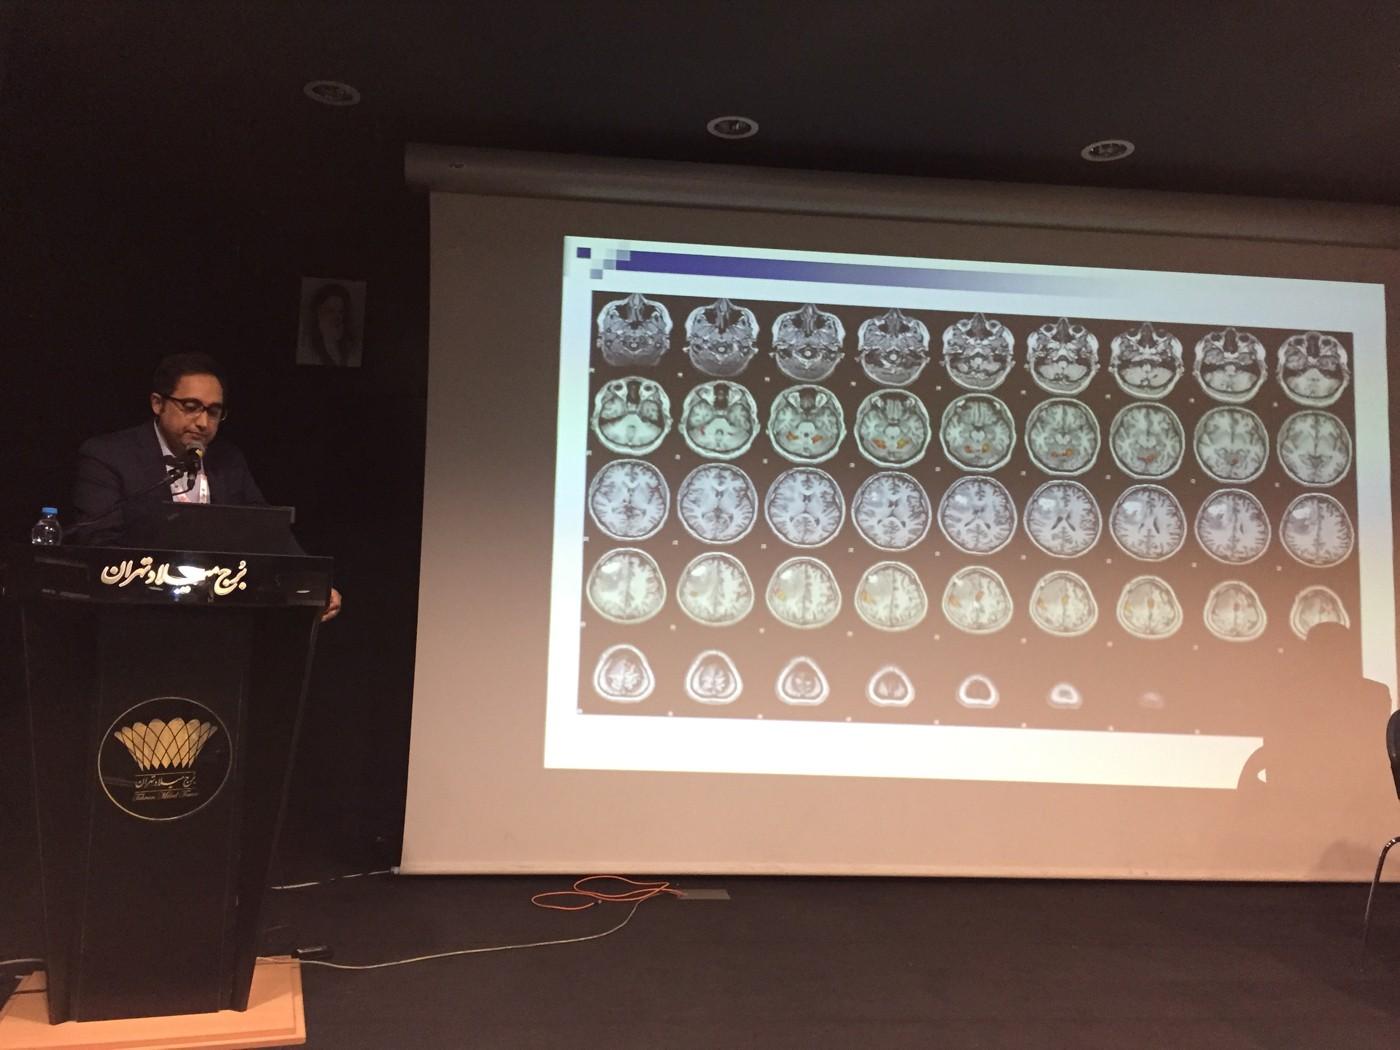 پنل آزمایشگاه ملی نقشه برداری مغز در سی و سومین کنگره رادیولوژی ایران، ۲۲ اردیبهشت ماه ۱۳۹۶